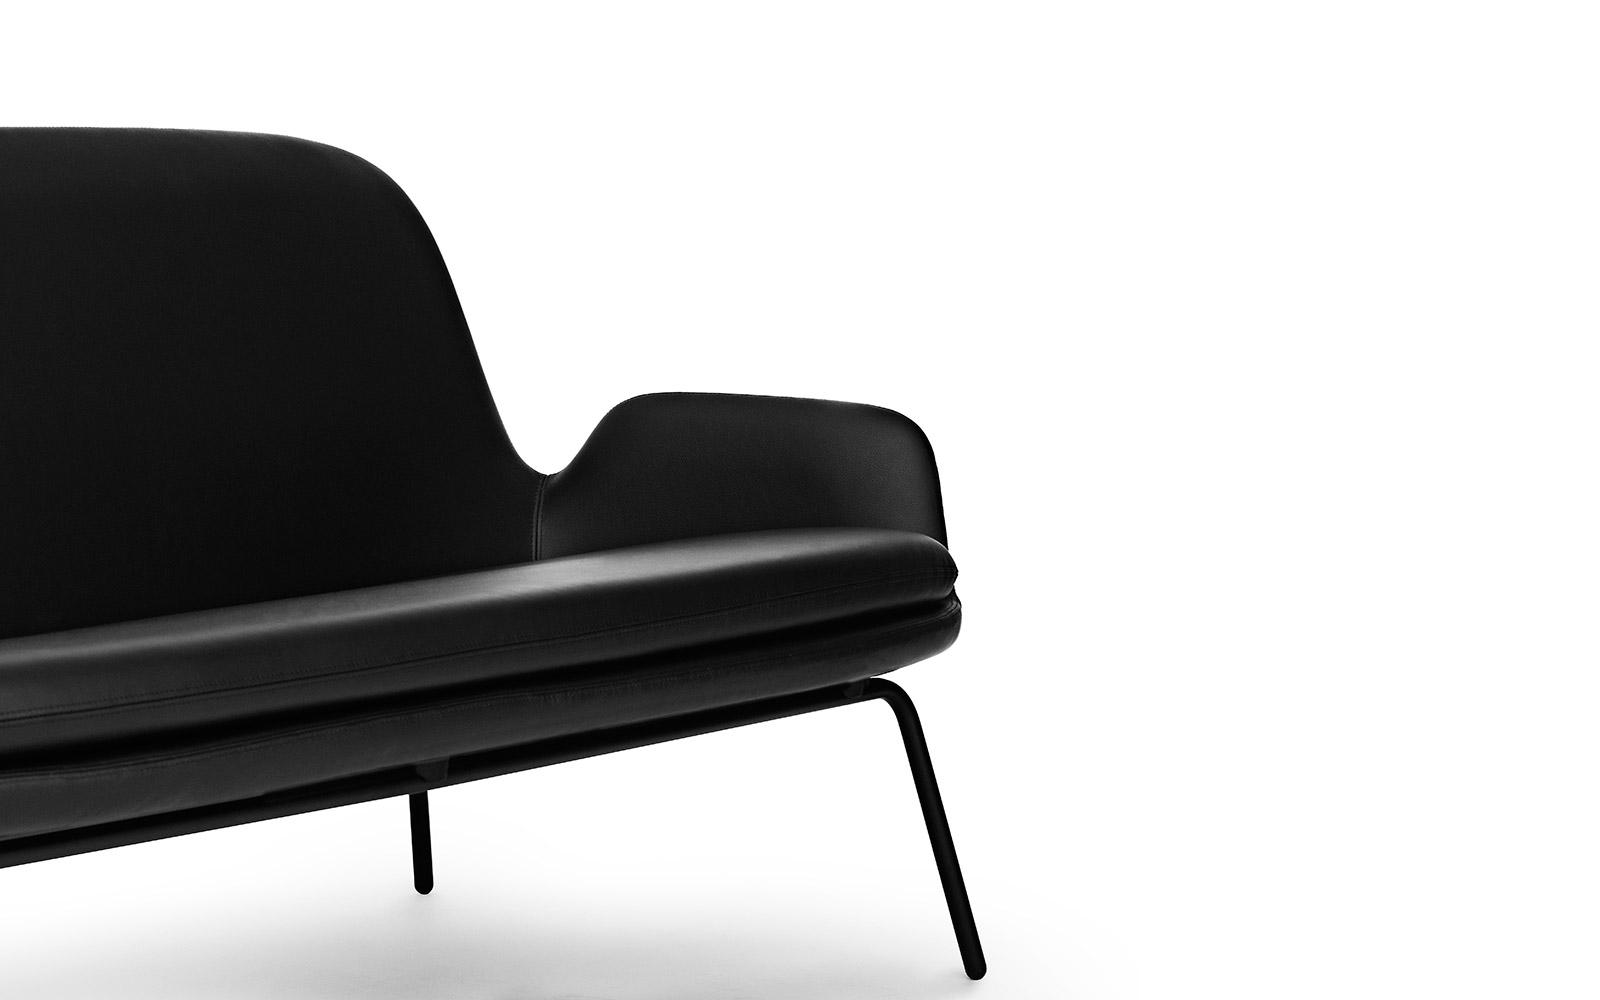 normann copenhagen sofa era turkish sets customize